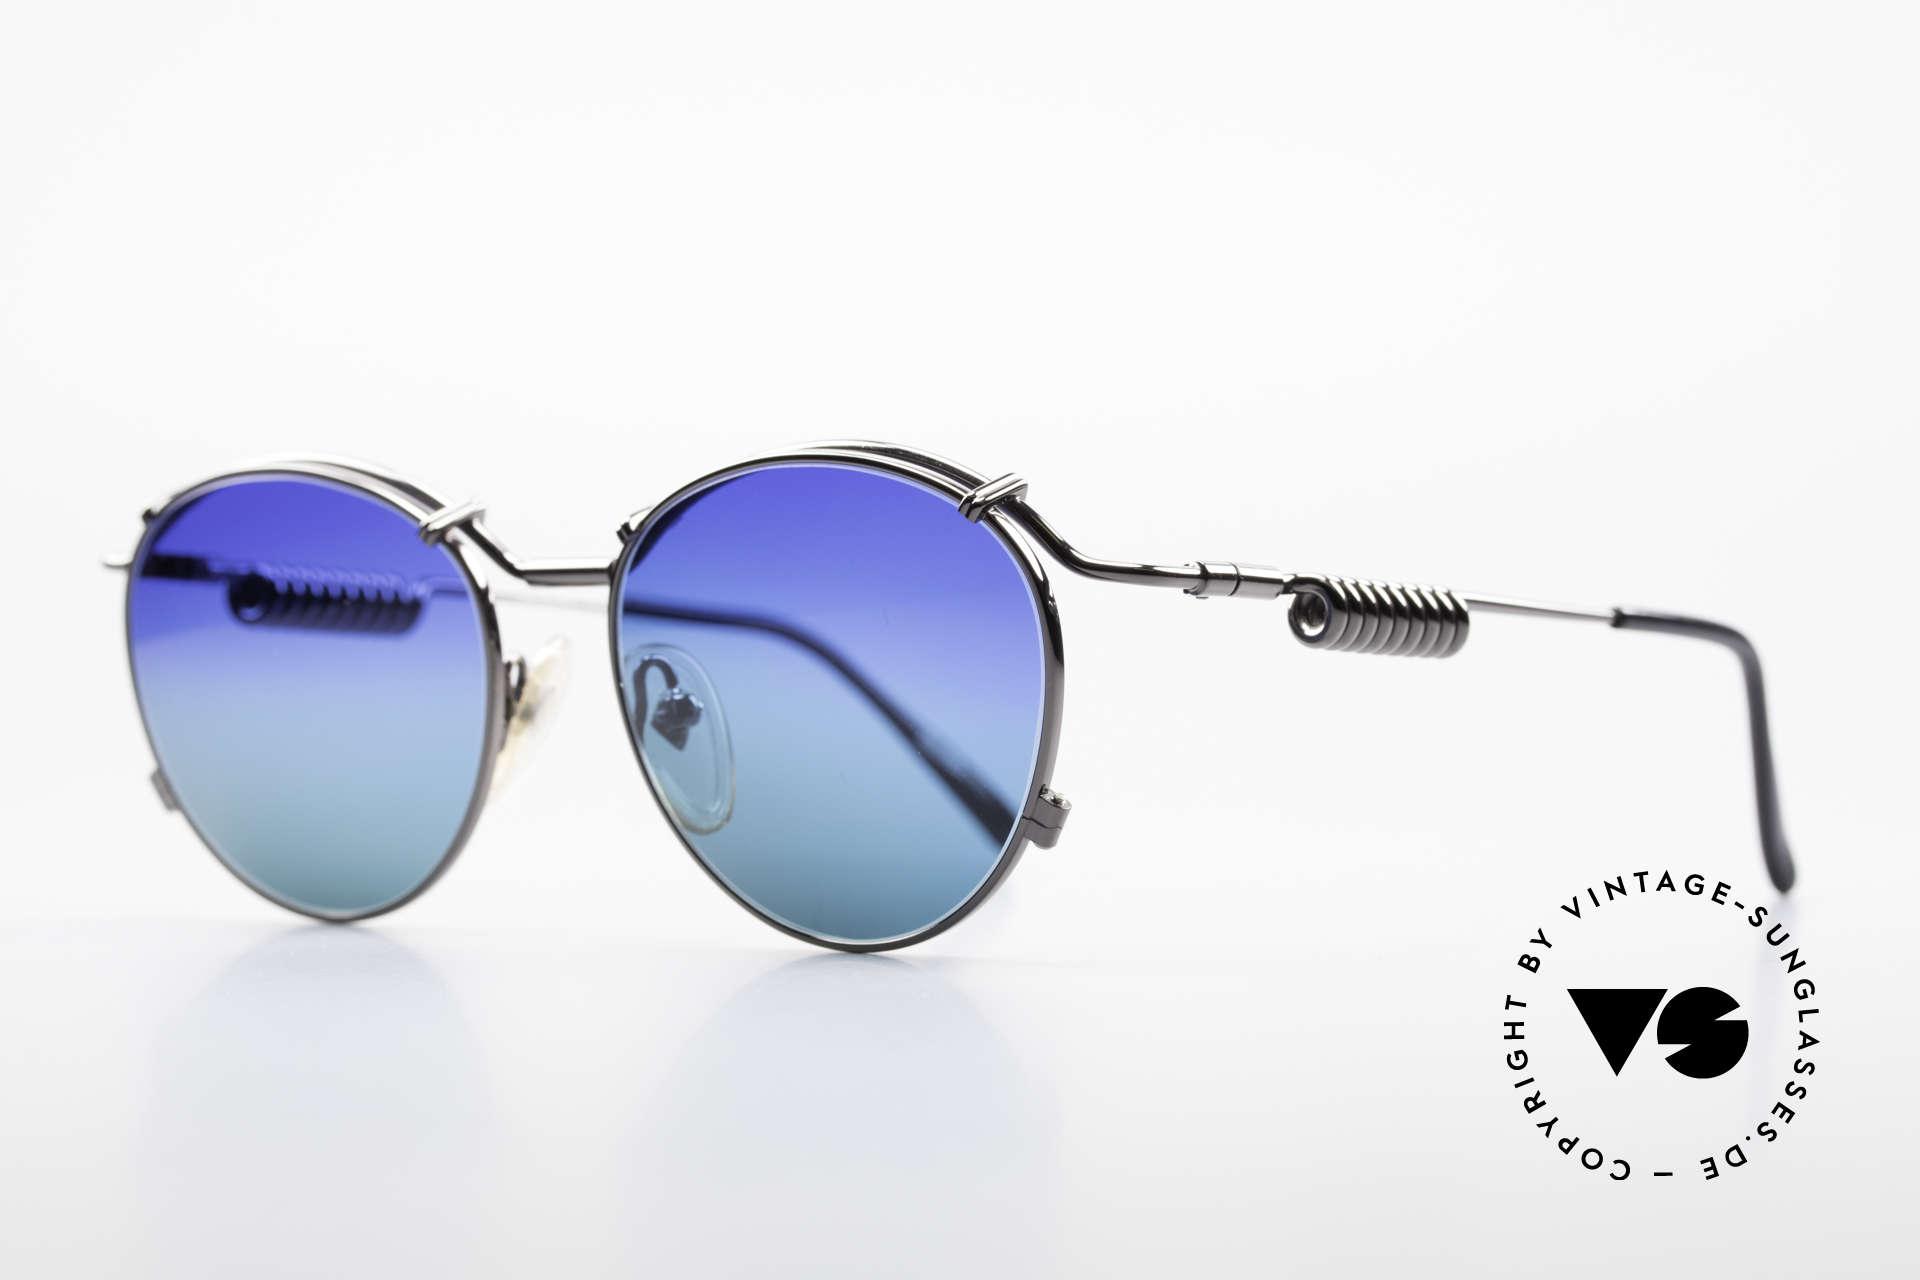 Jean Paul Gaultier 56-9174 Industrial 90er Sonnenbrille, die Metallbügel sind geformt wie eine Stromspule, Passend für Herren und Damen